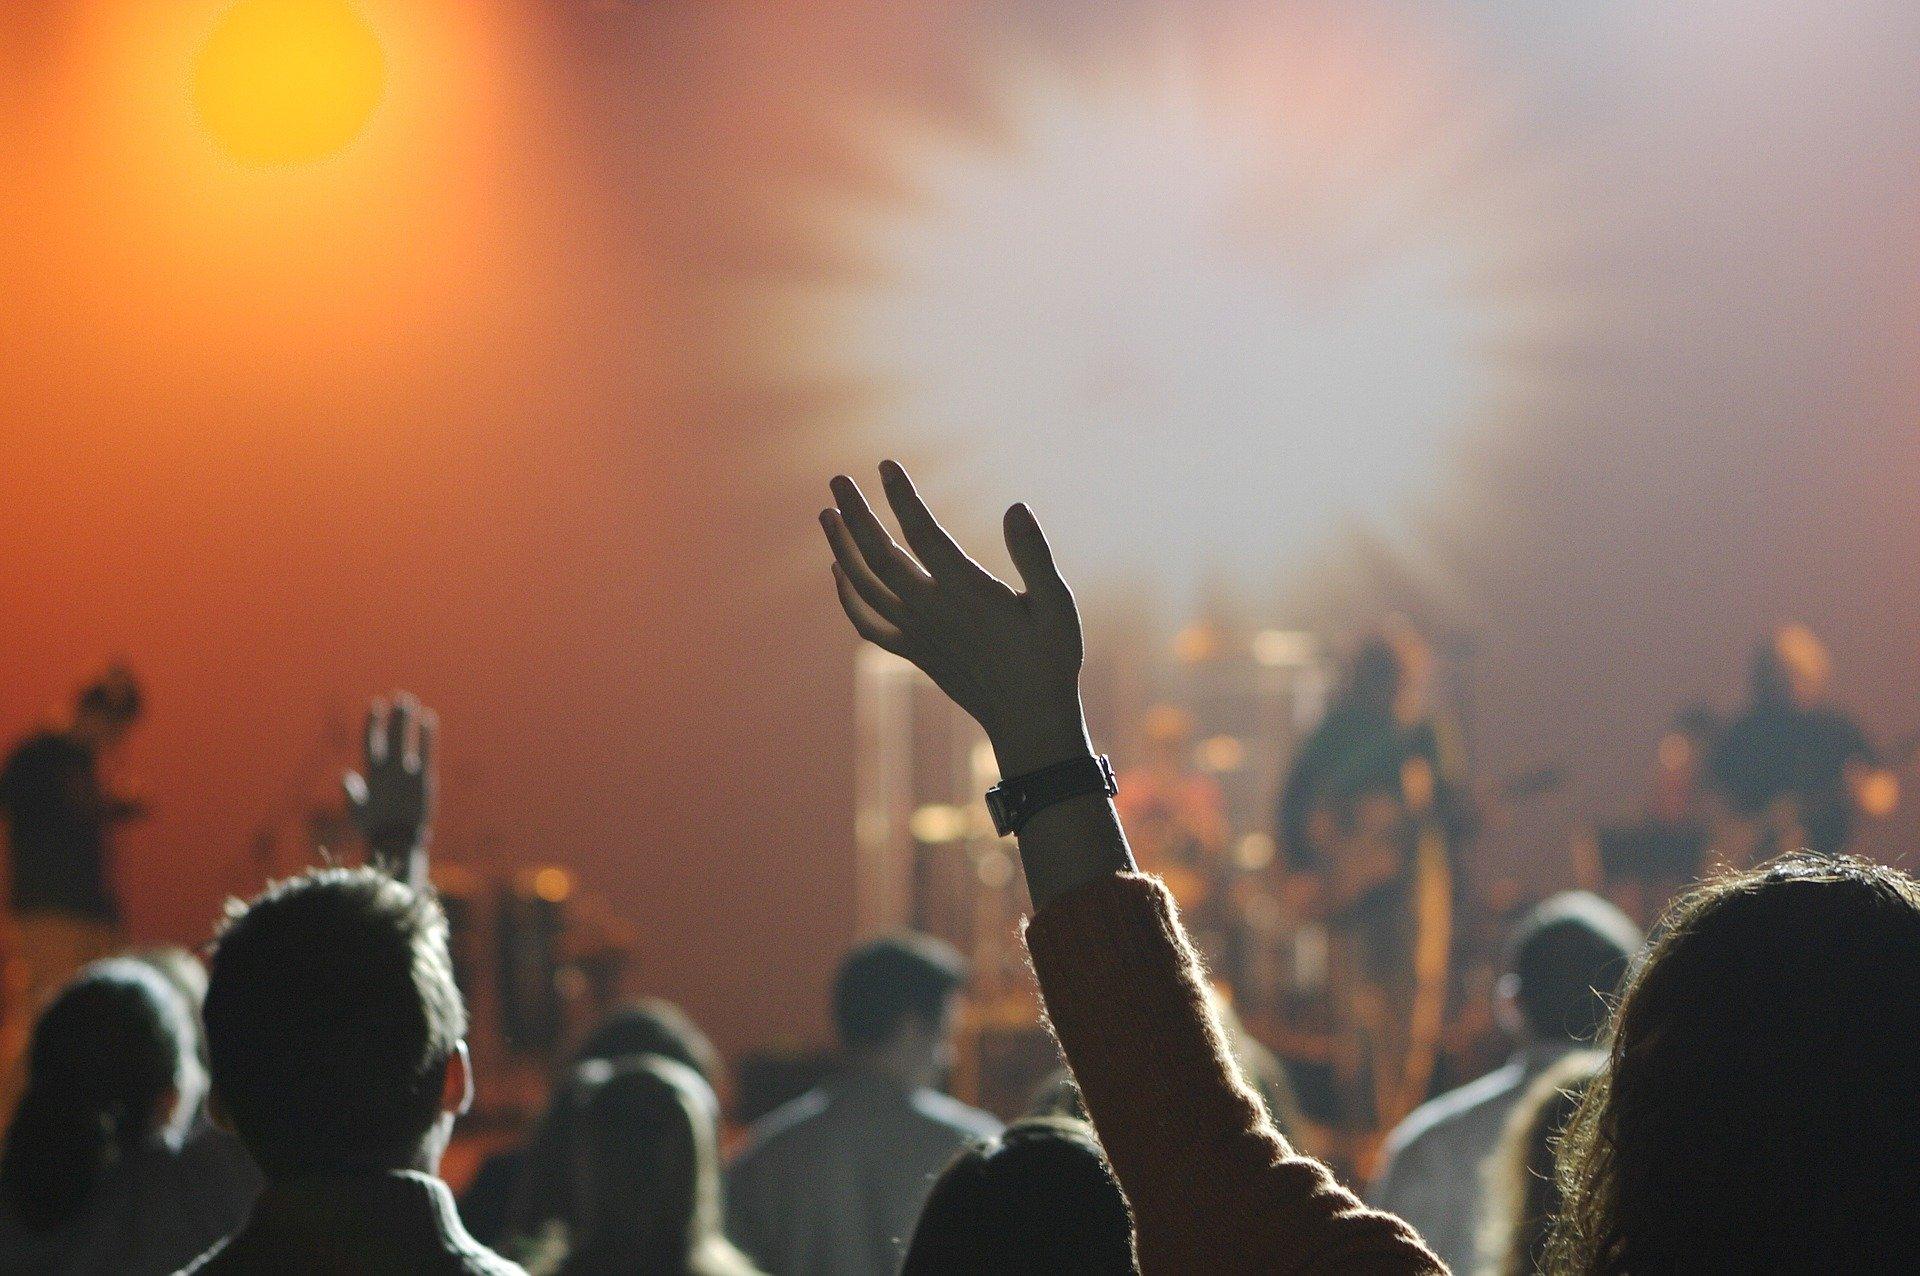 Hannas Freiheitskolumne: Tanzen gegen Polarisierung